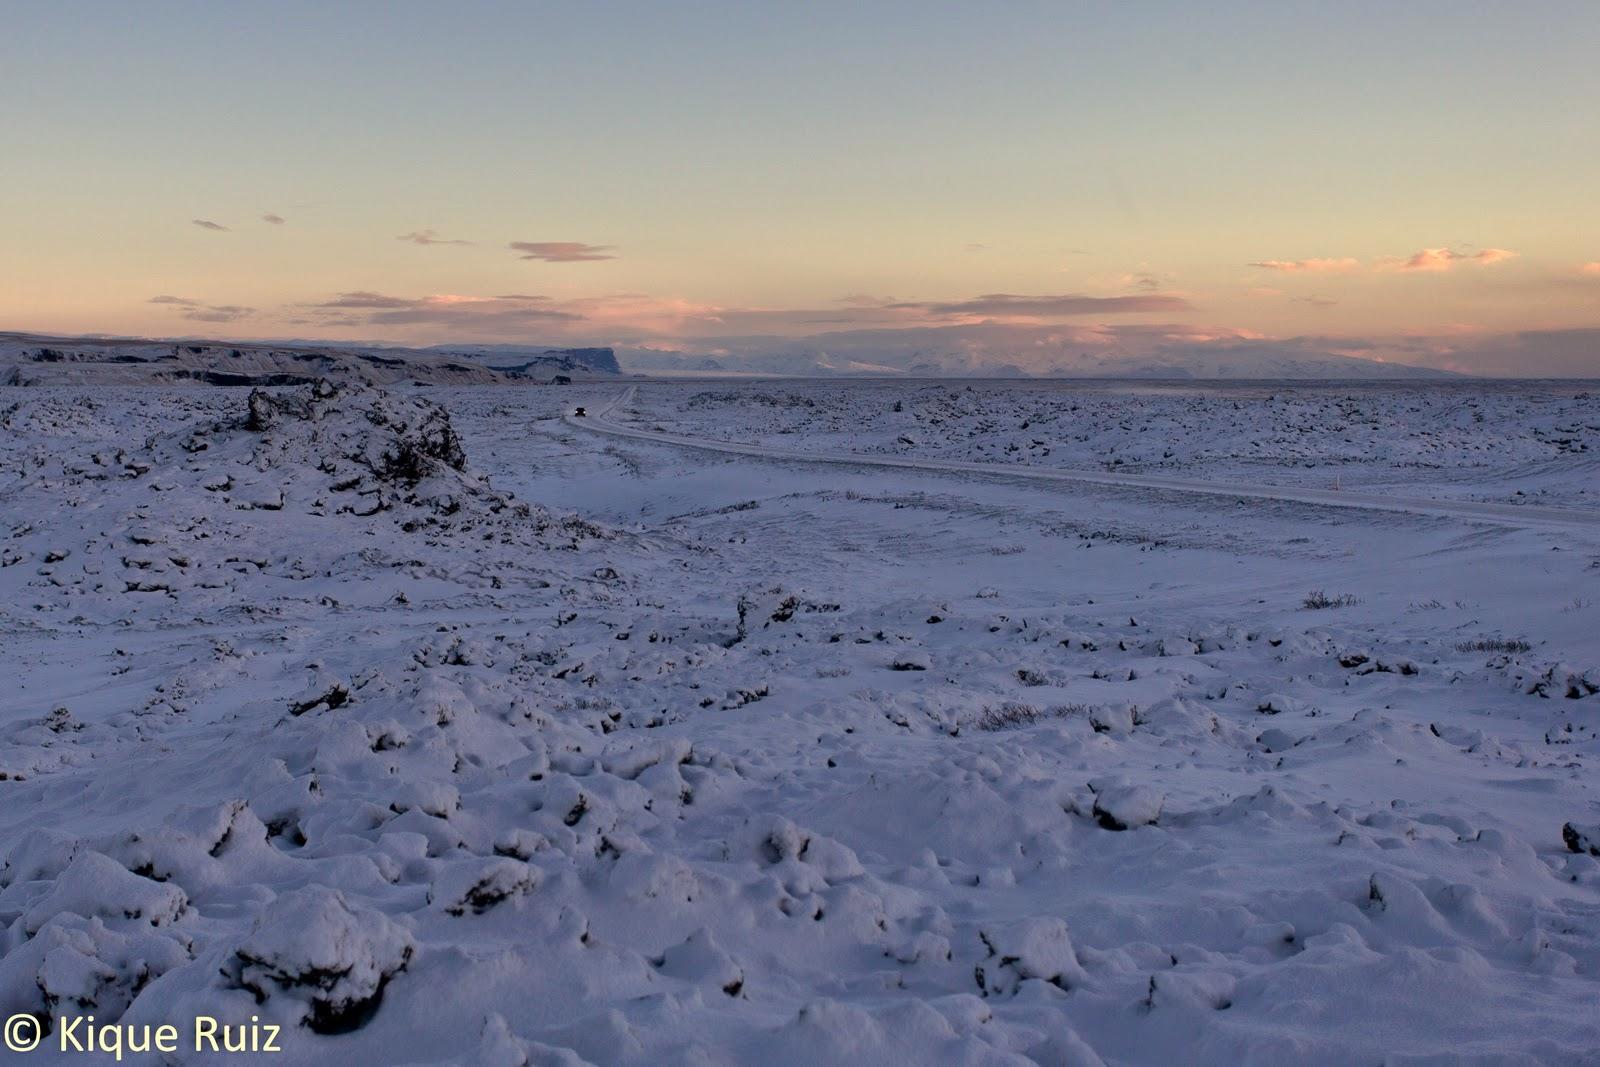 Nieve atravesada por una carretera y un coche a lo lejos, en Islandia